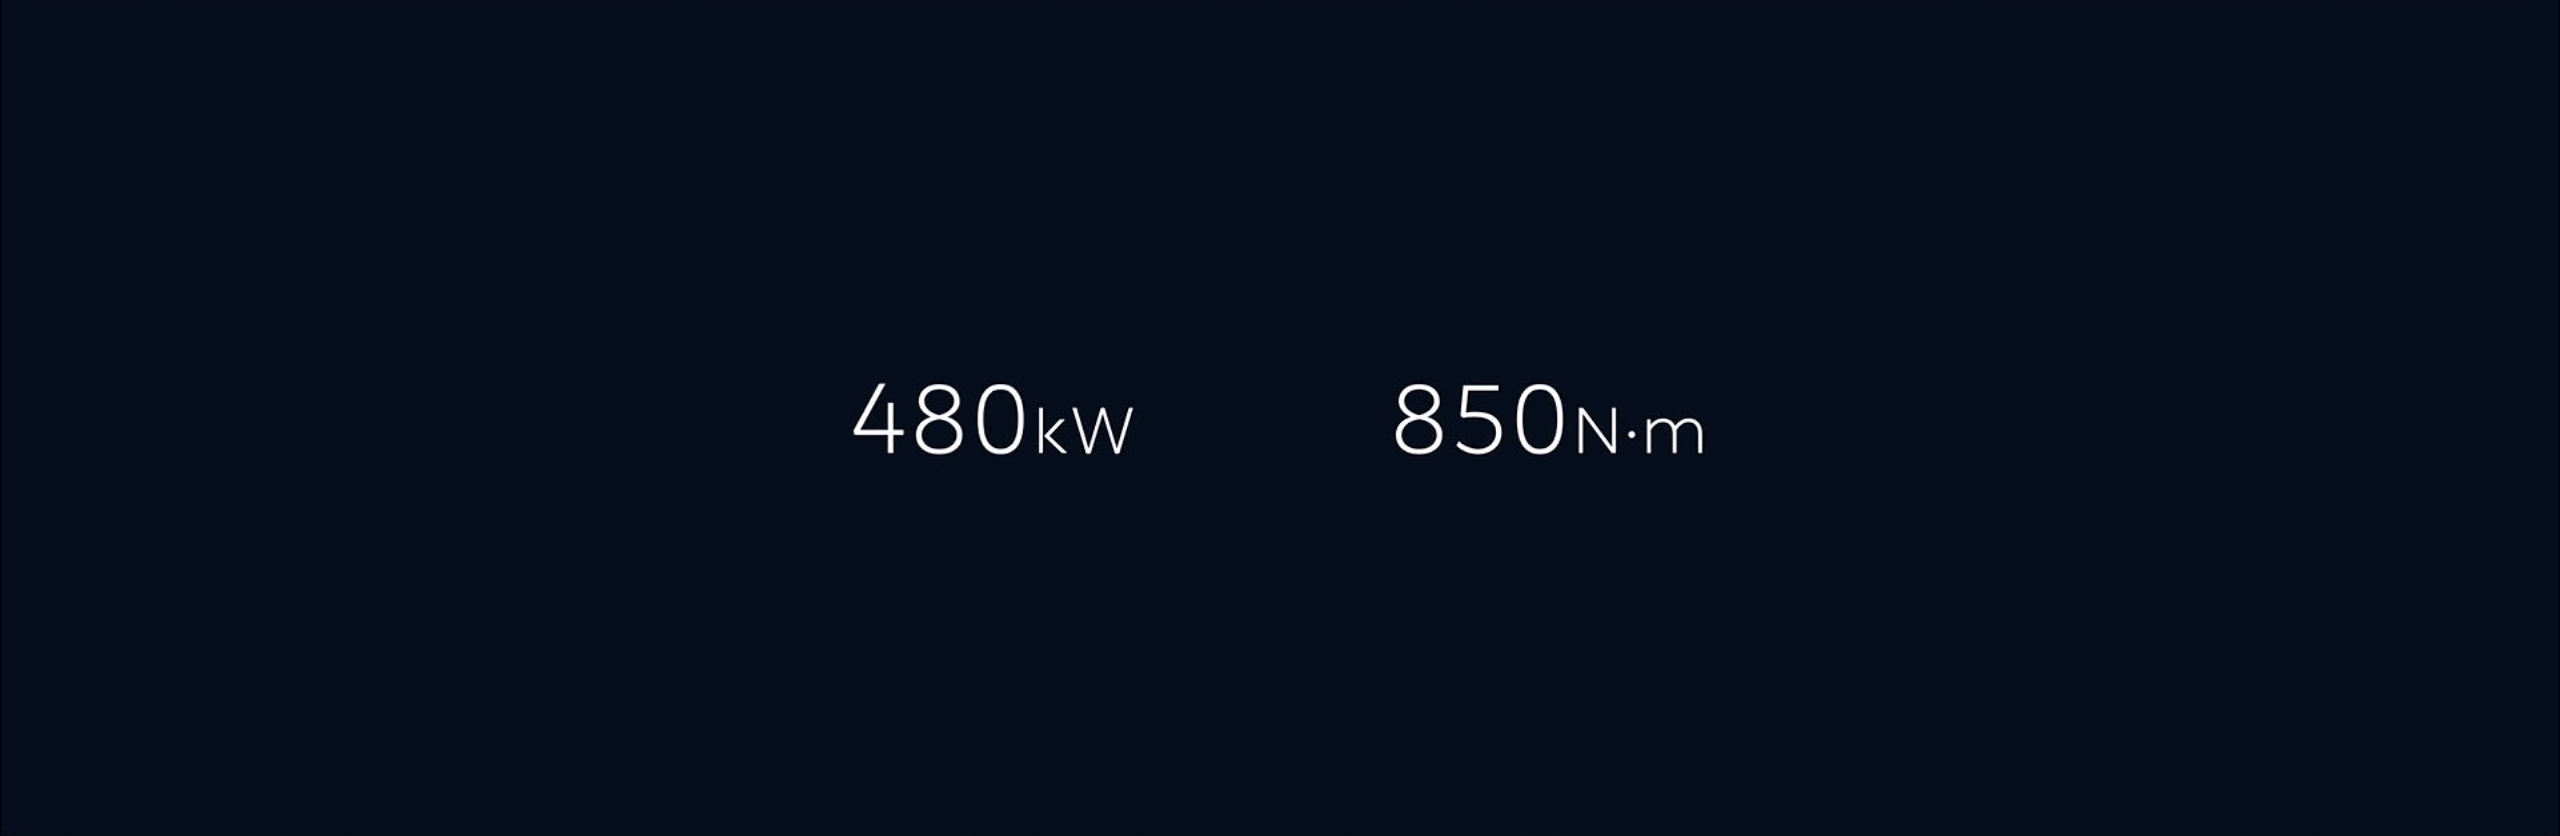 150度大电池+1000km续航首亮相!蔚来ET7正式发布,补贴前售价44.8万起